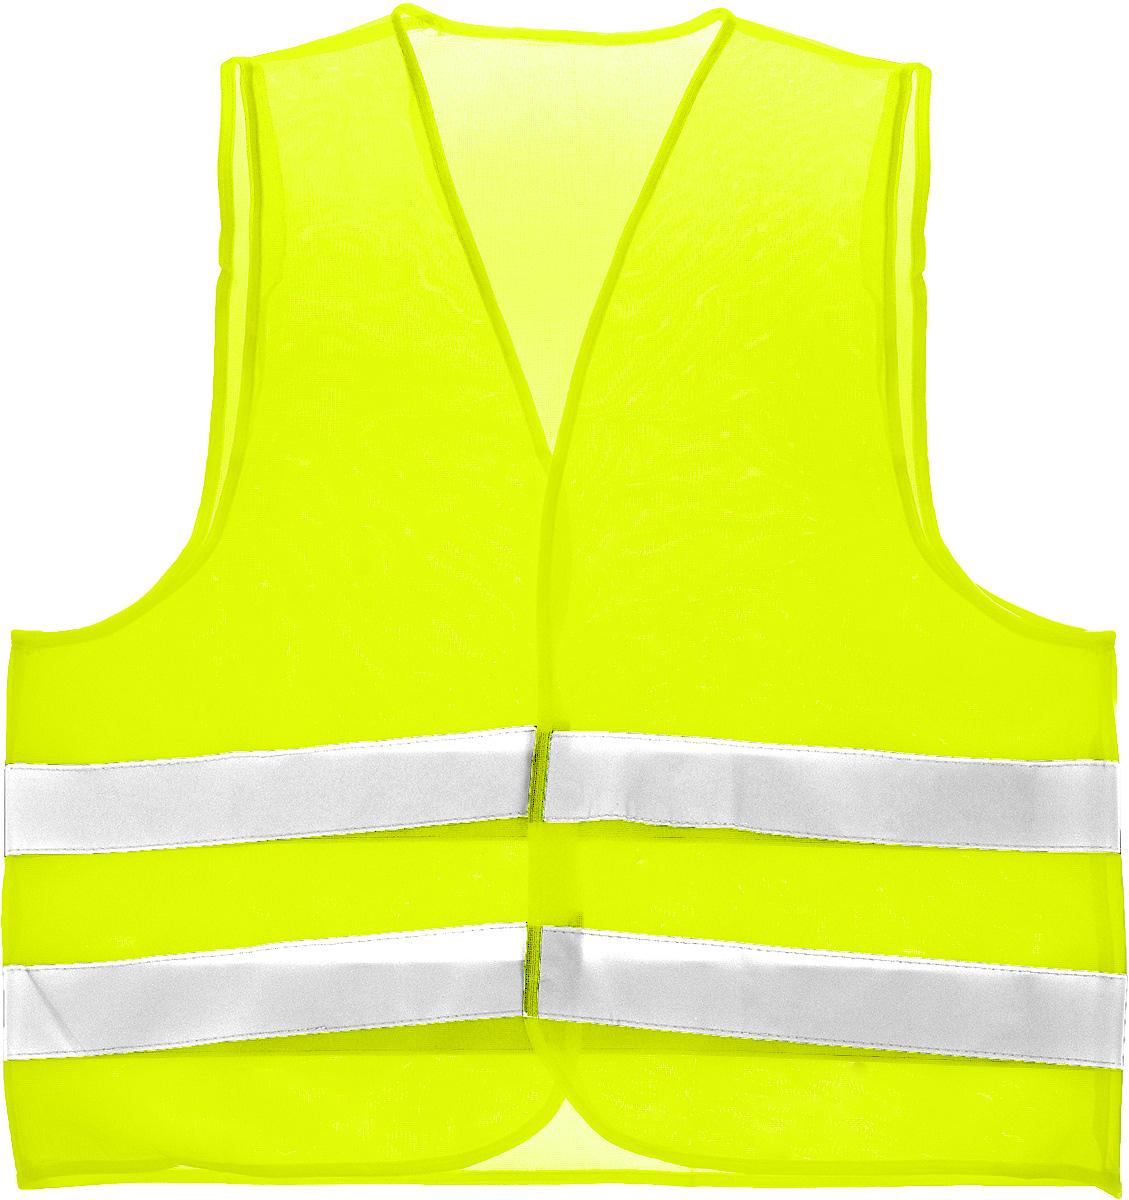 Жилет светоотражающий Rexxon, цвет: салатовый. Размер XL1-02-1-1-0_салатовыйСветоотражающий жилет Rexxon обеспечит безопасную идентификацию людей, находящихся на проезжей части дороги. Жилет выполнен из 100% сетчатого полиэстера. Застегивается на липучки.